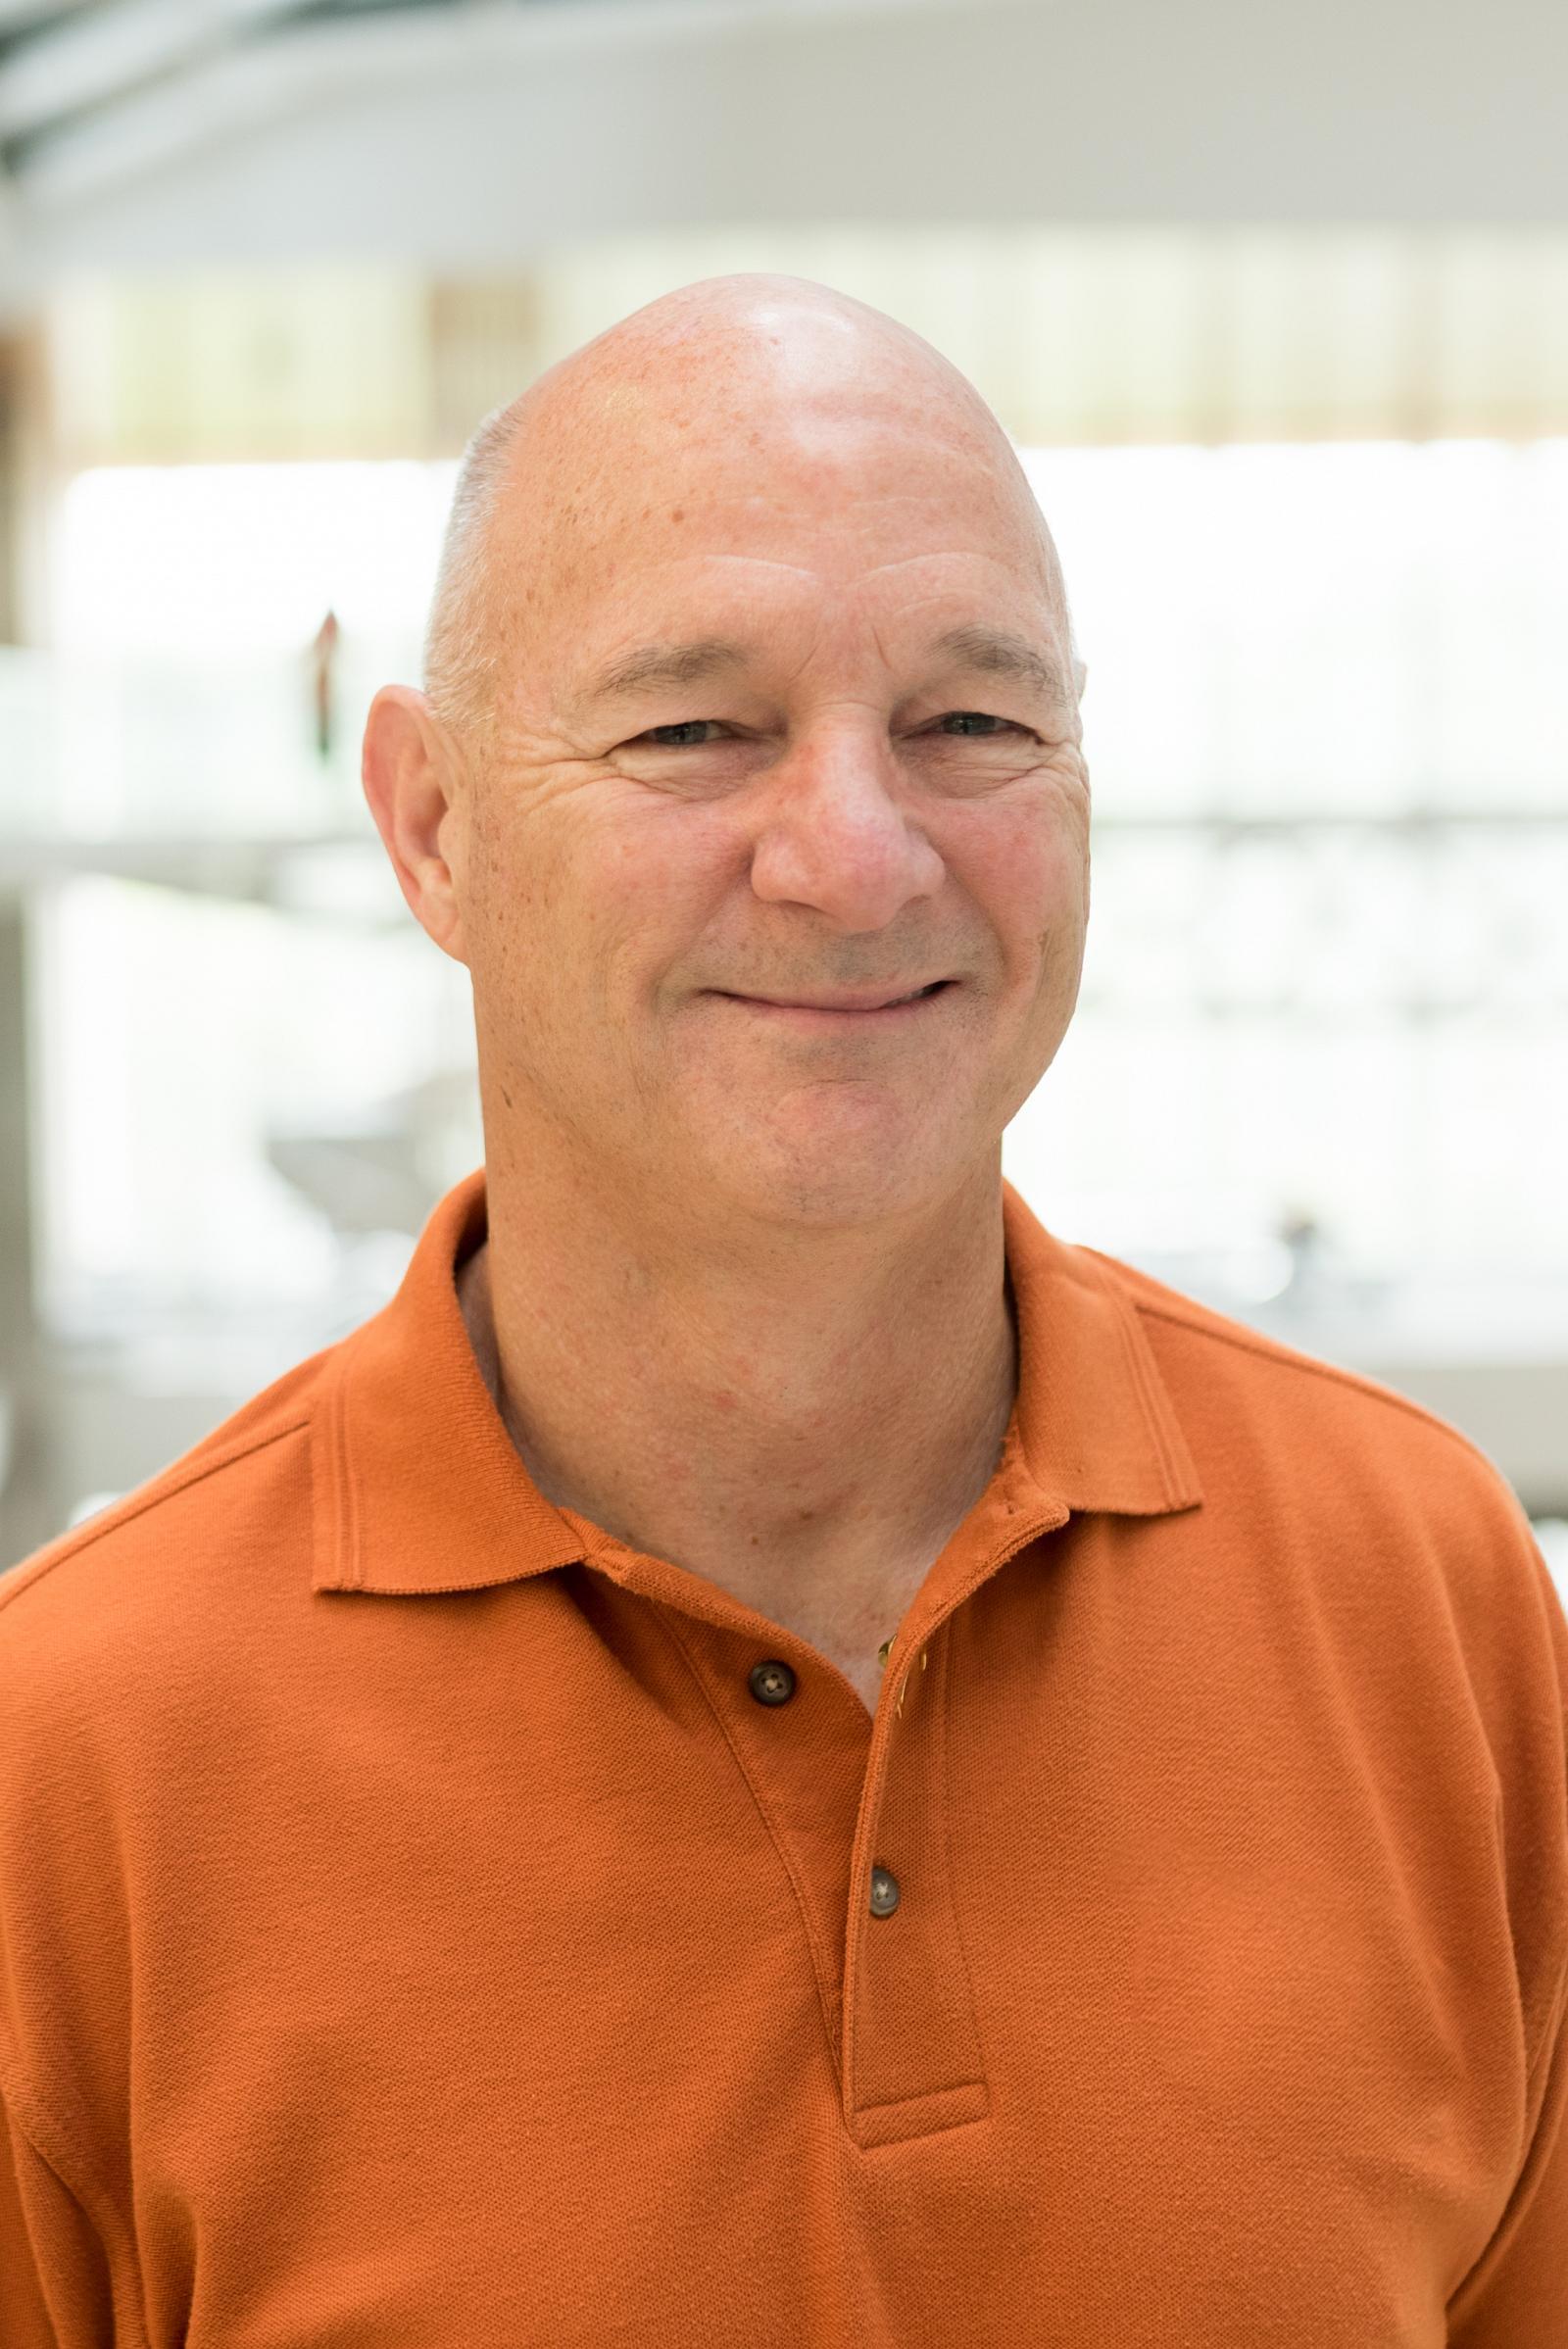 Portrait of alumnus Jimmy Canning, wearing a burnt orange polo